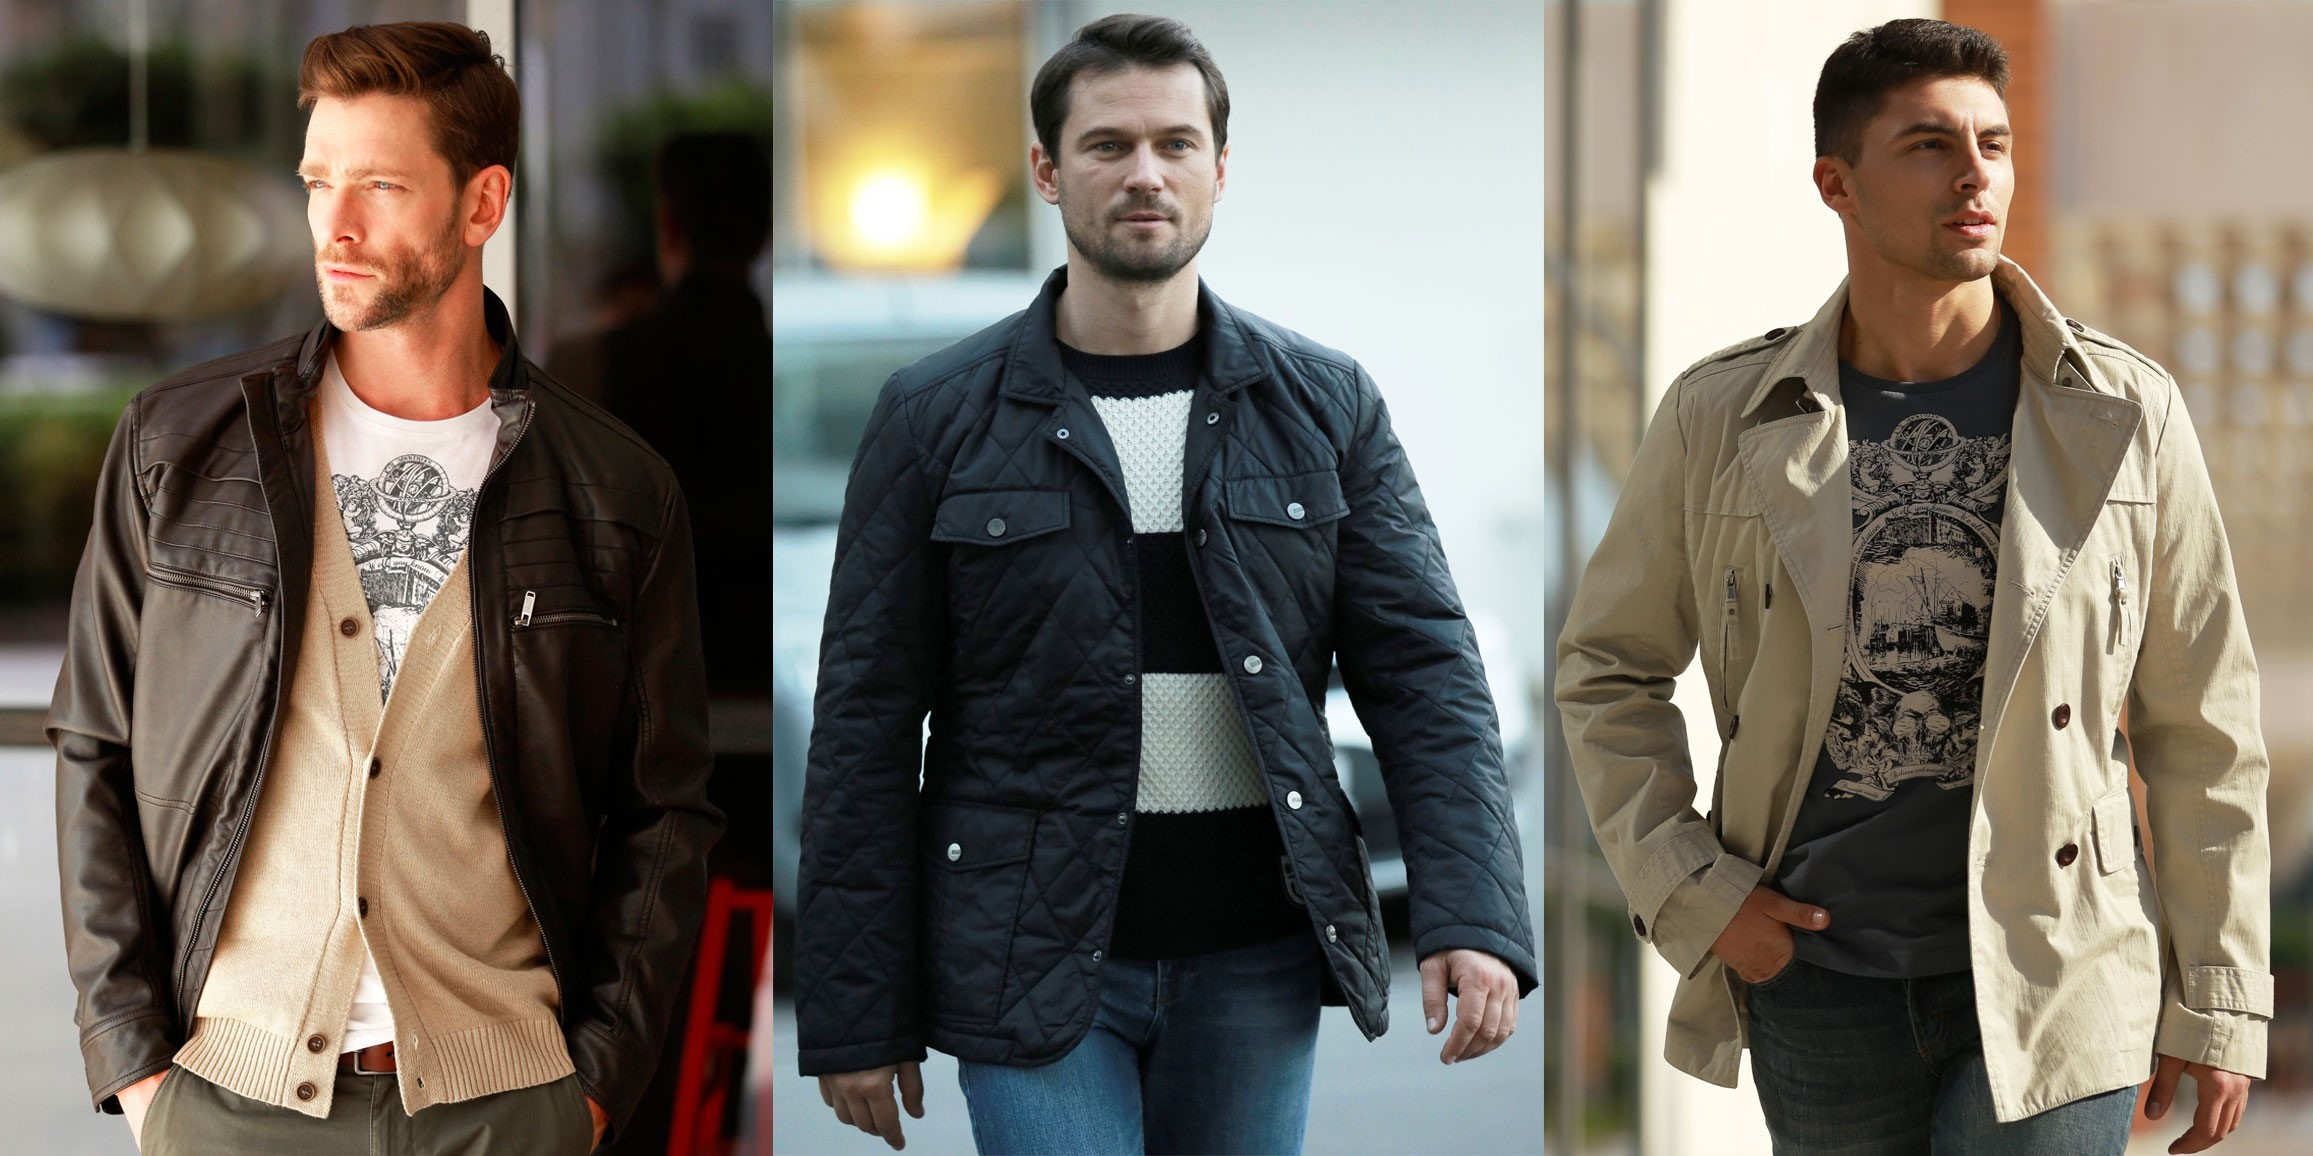 Демисезонные мужские куртки — отличная альтернатива пиджакам и спортивным костюмам (1 фото)